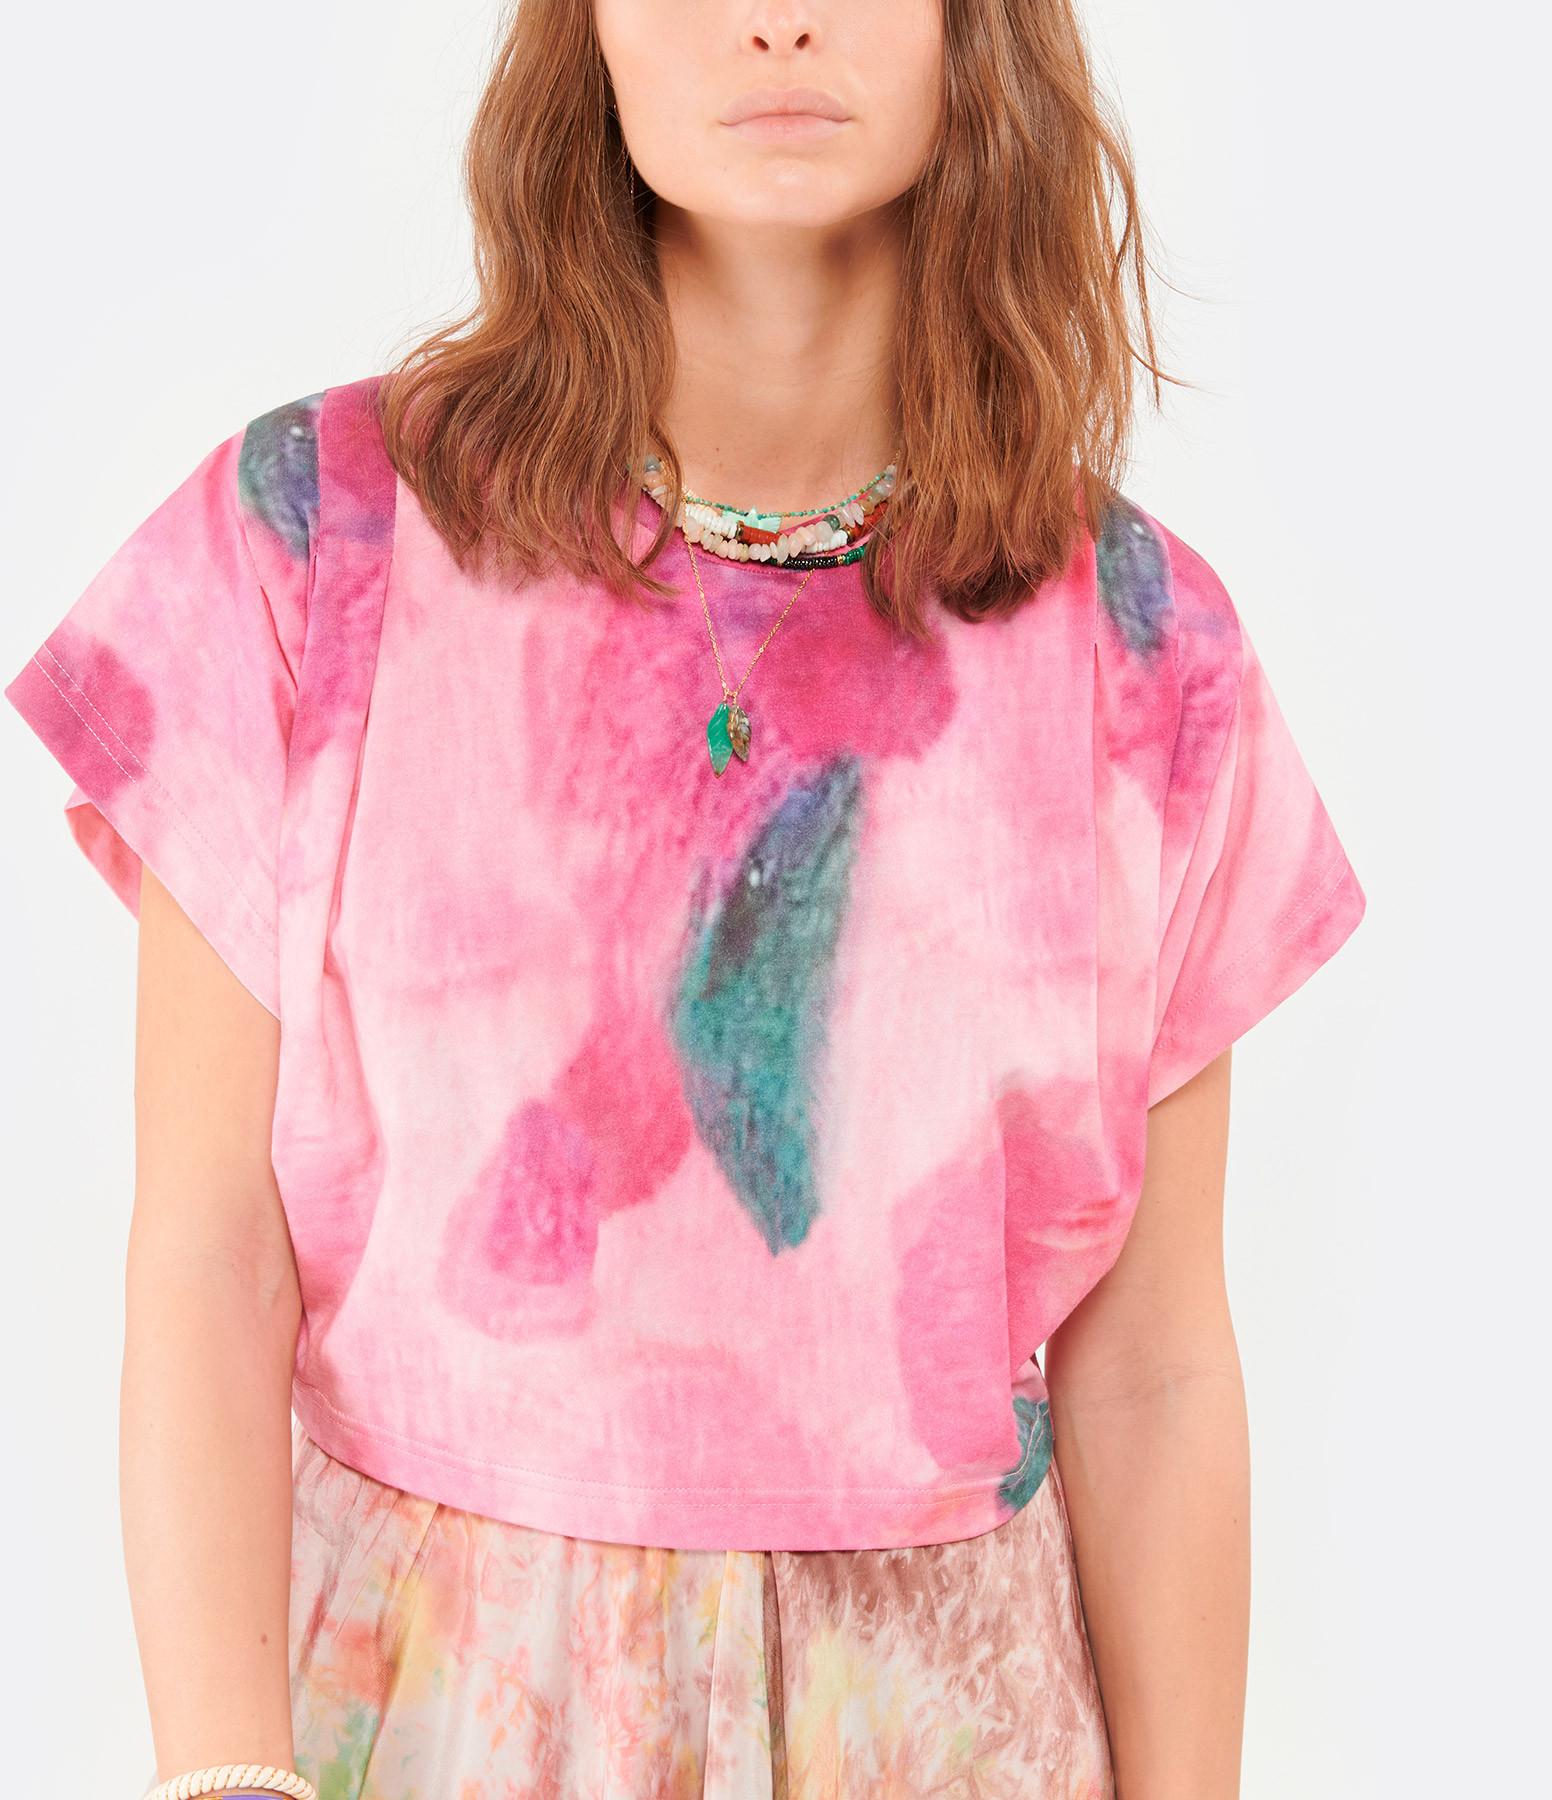 ISABEL MARANT - Tee-shirt Zinalia Coton Rose